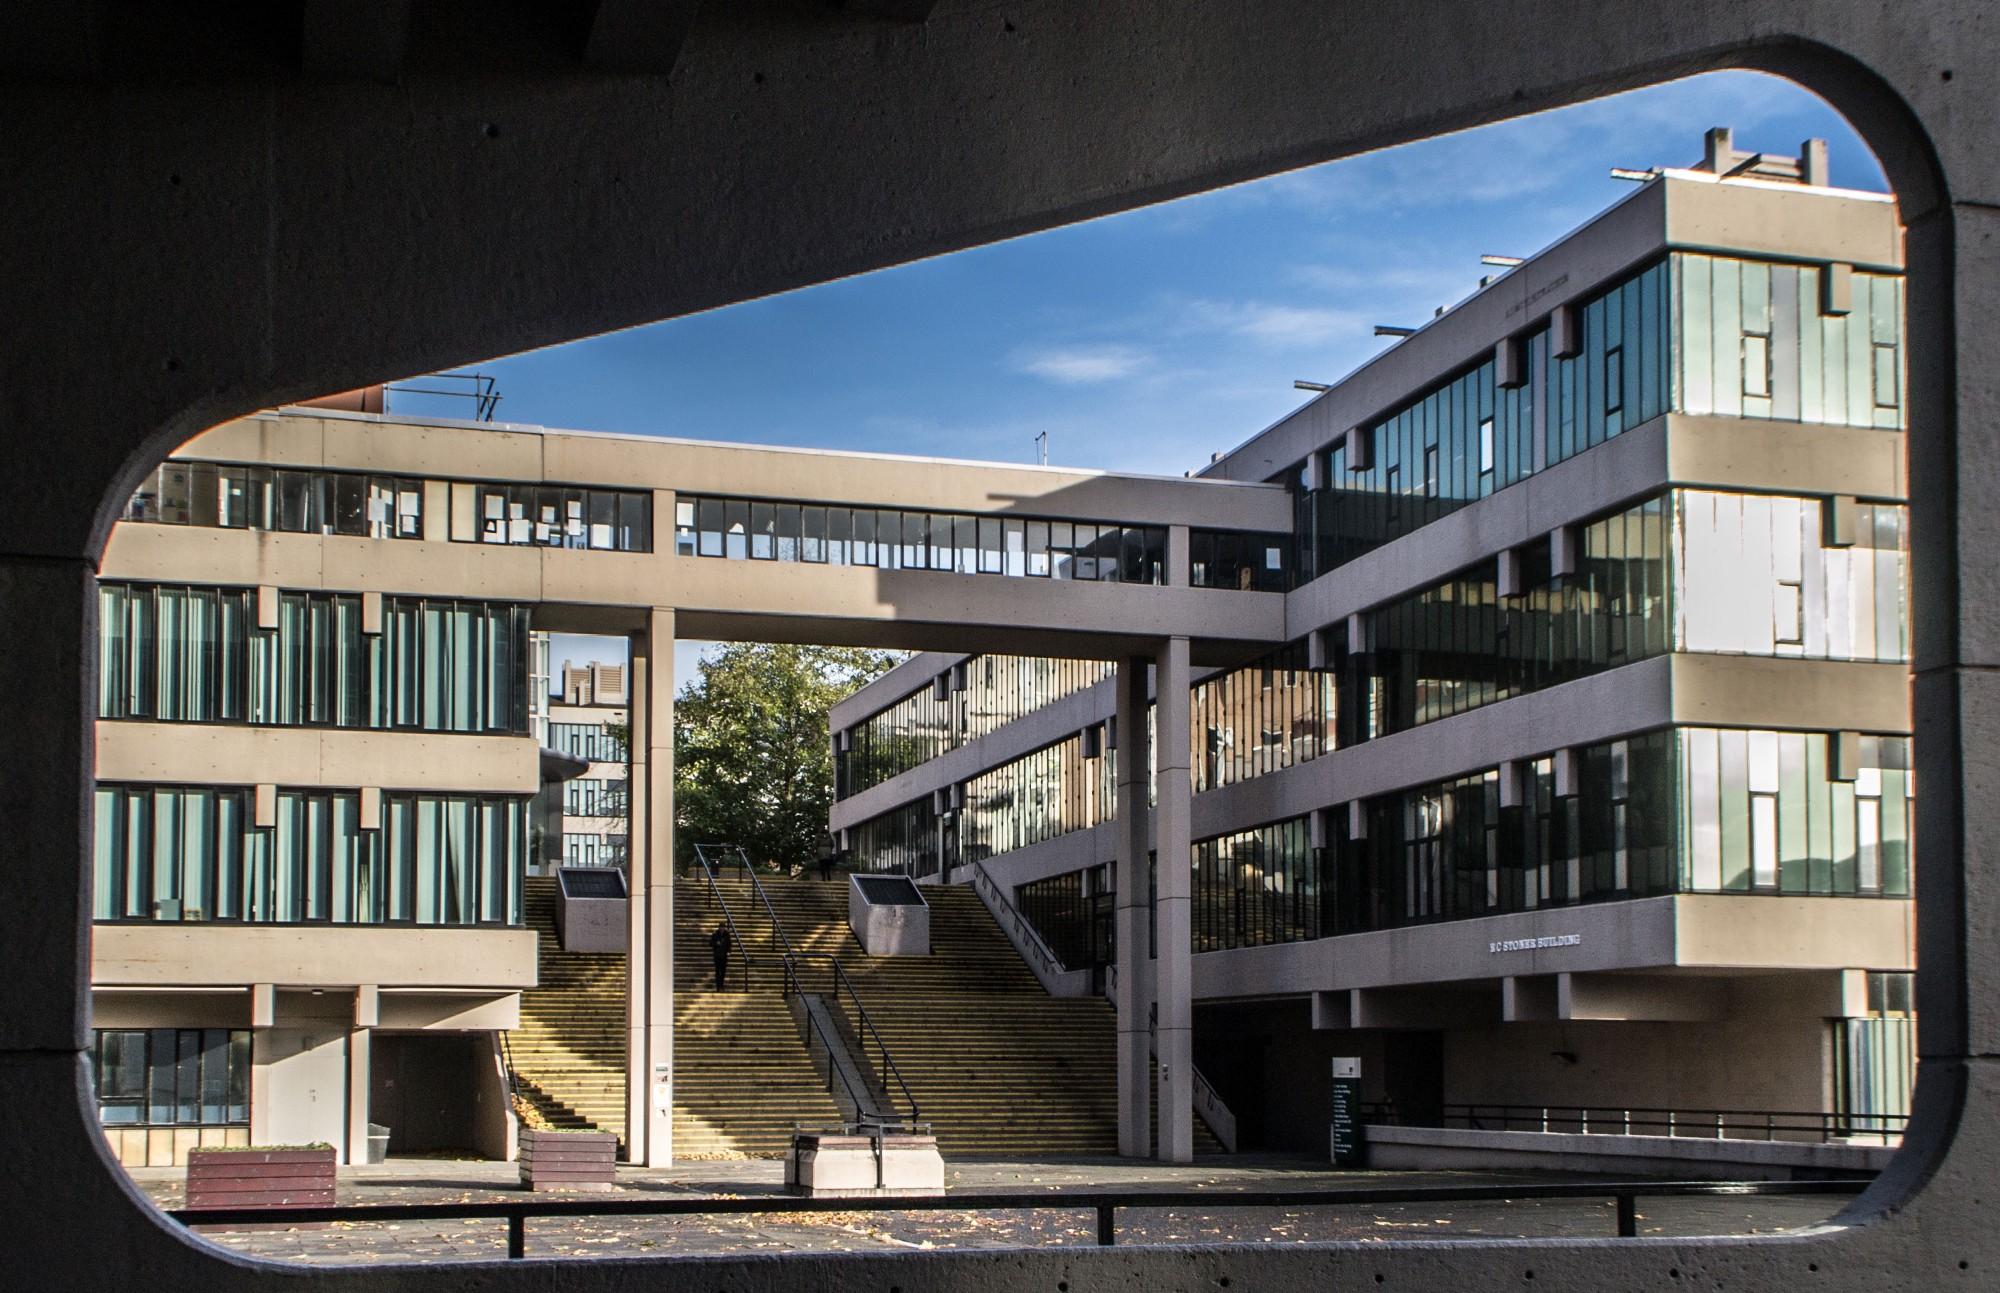 university of leeds_englands (9)